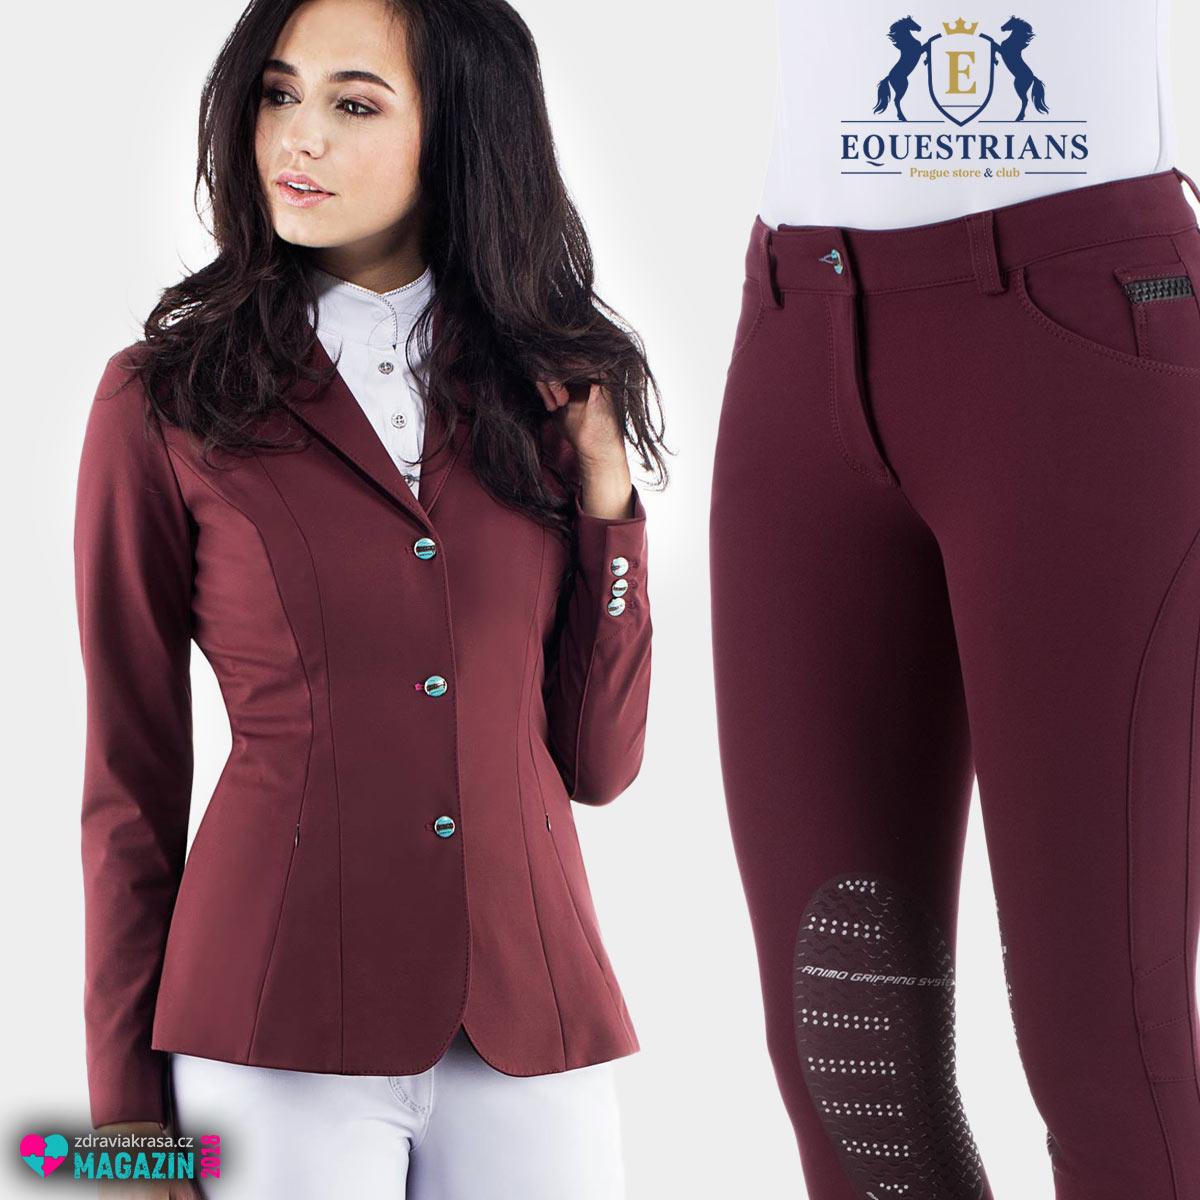 Equestrians nabízí jezdecké oblečení pro začátečníky, rekreační jezdce i profesionály.